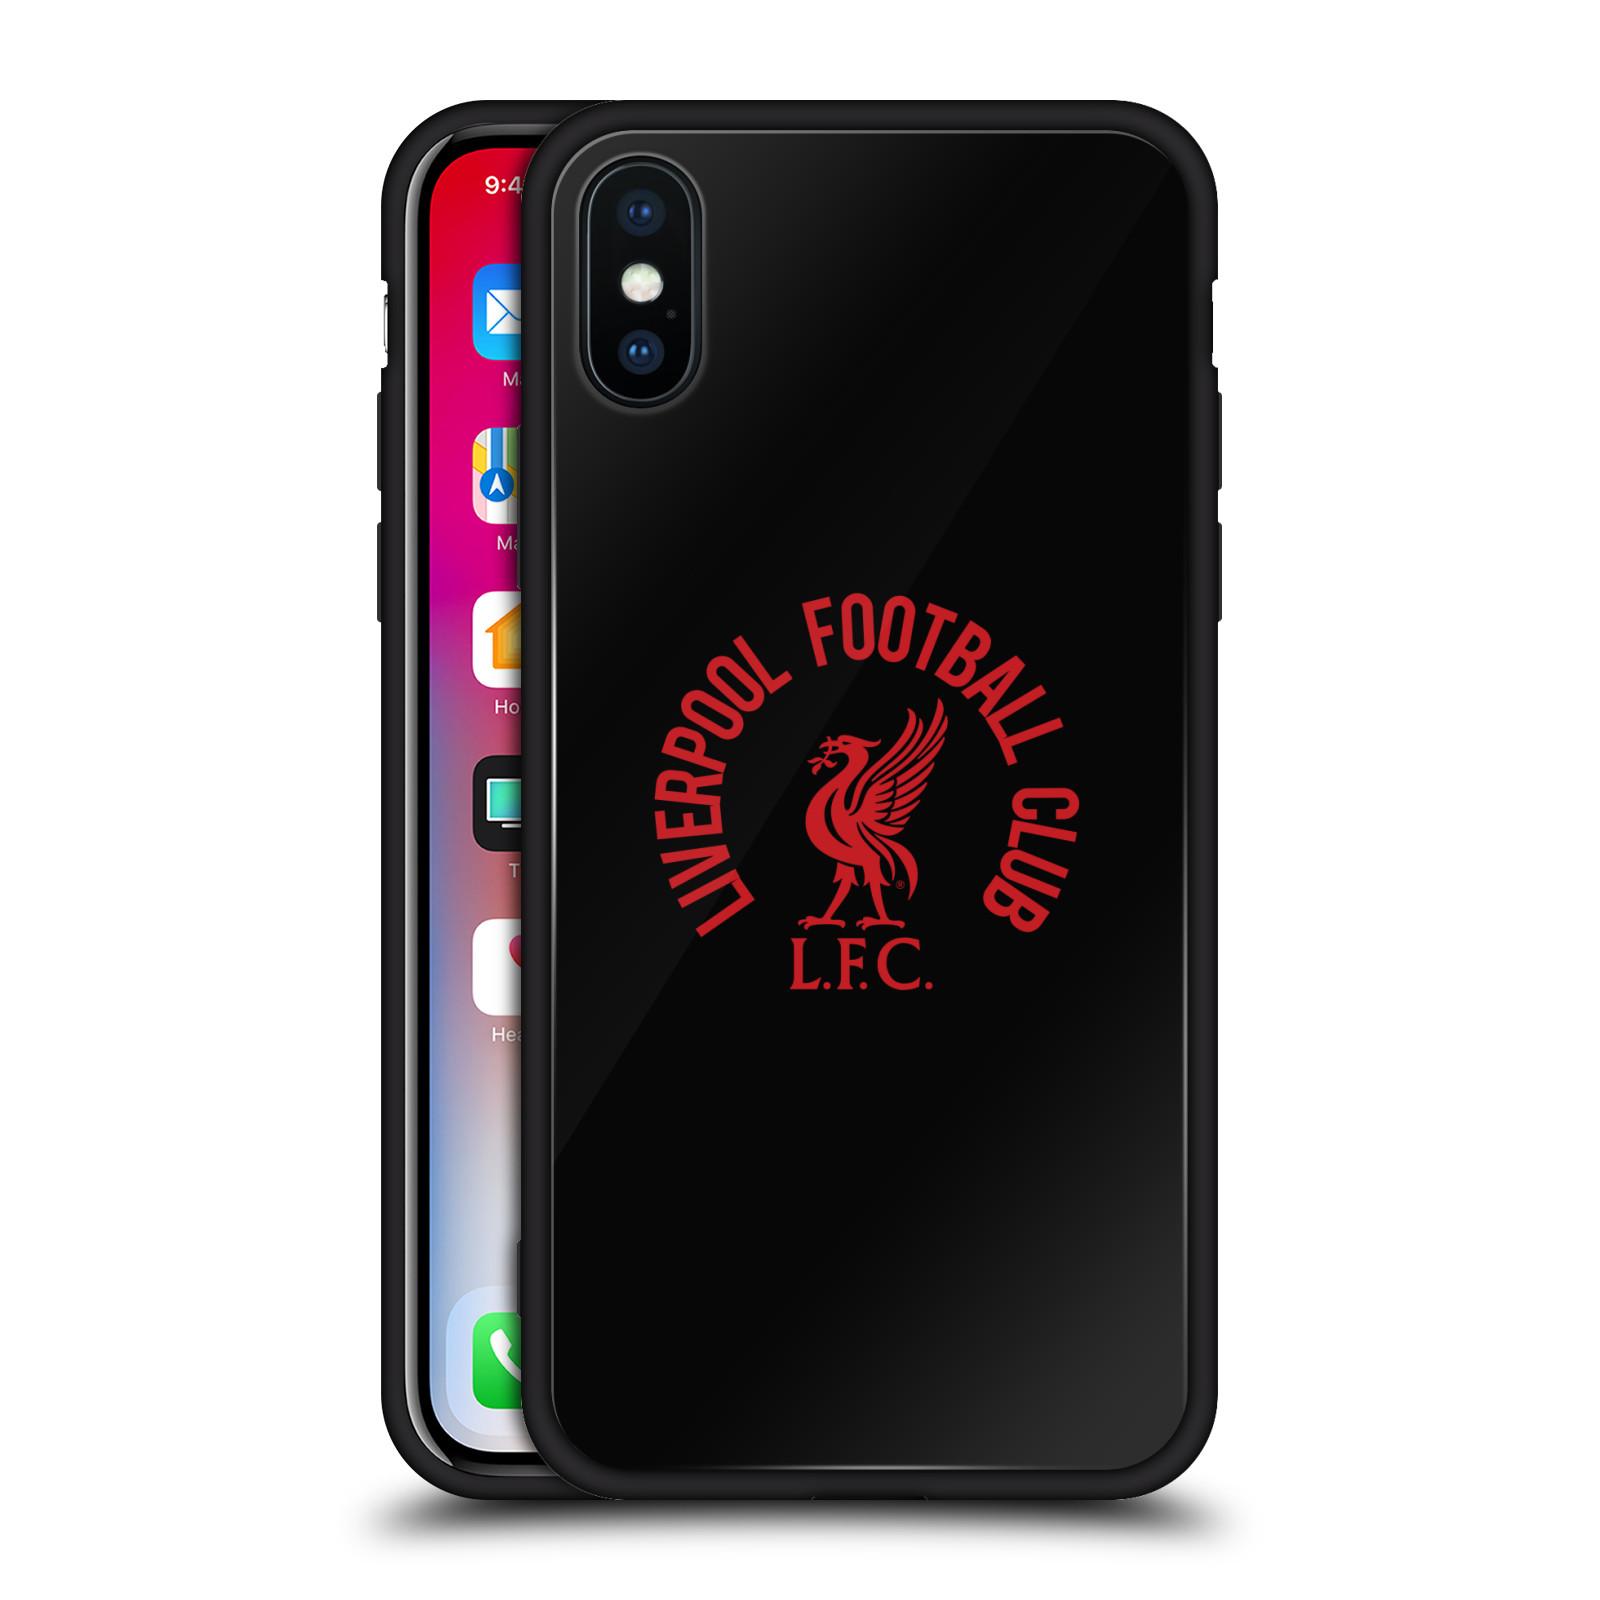 Liverpool-FC-LFC-pajaro-del-higado-negra-hibrida-de-cristal-nuevo-caso-para-telefonos-iPhone